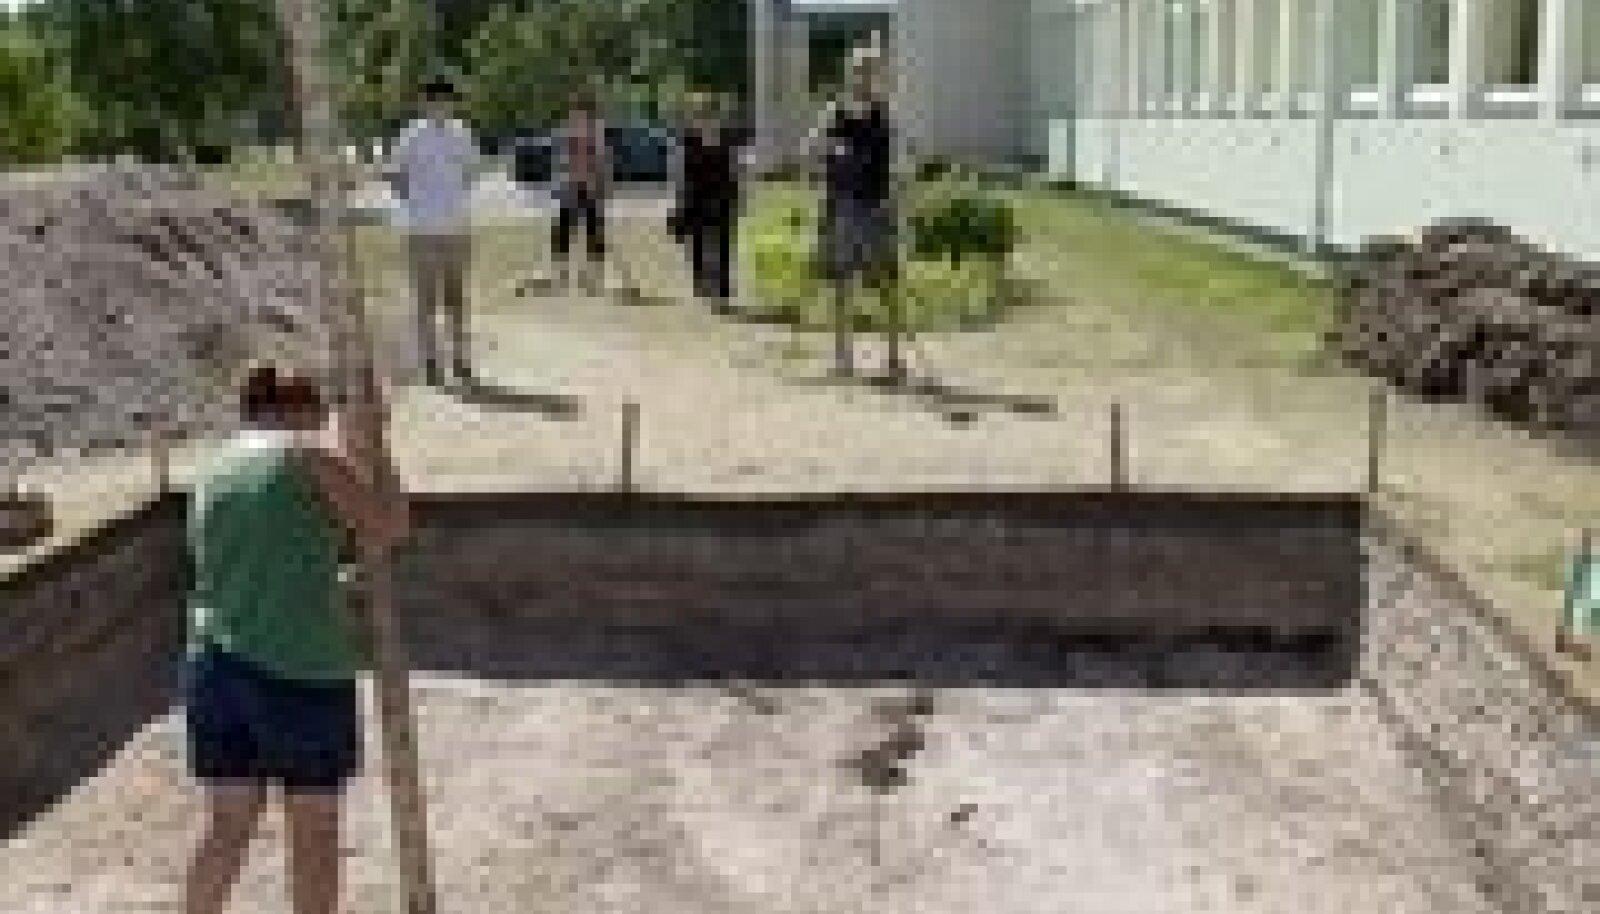 Väljakaevamised Salmel. Foto: Peeter Kukk / Saarte Hääl